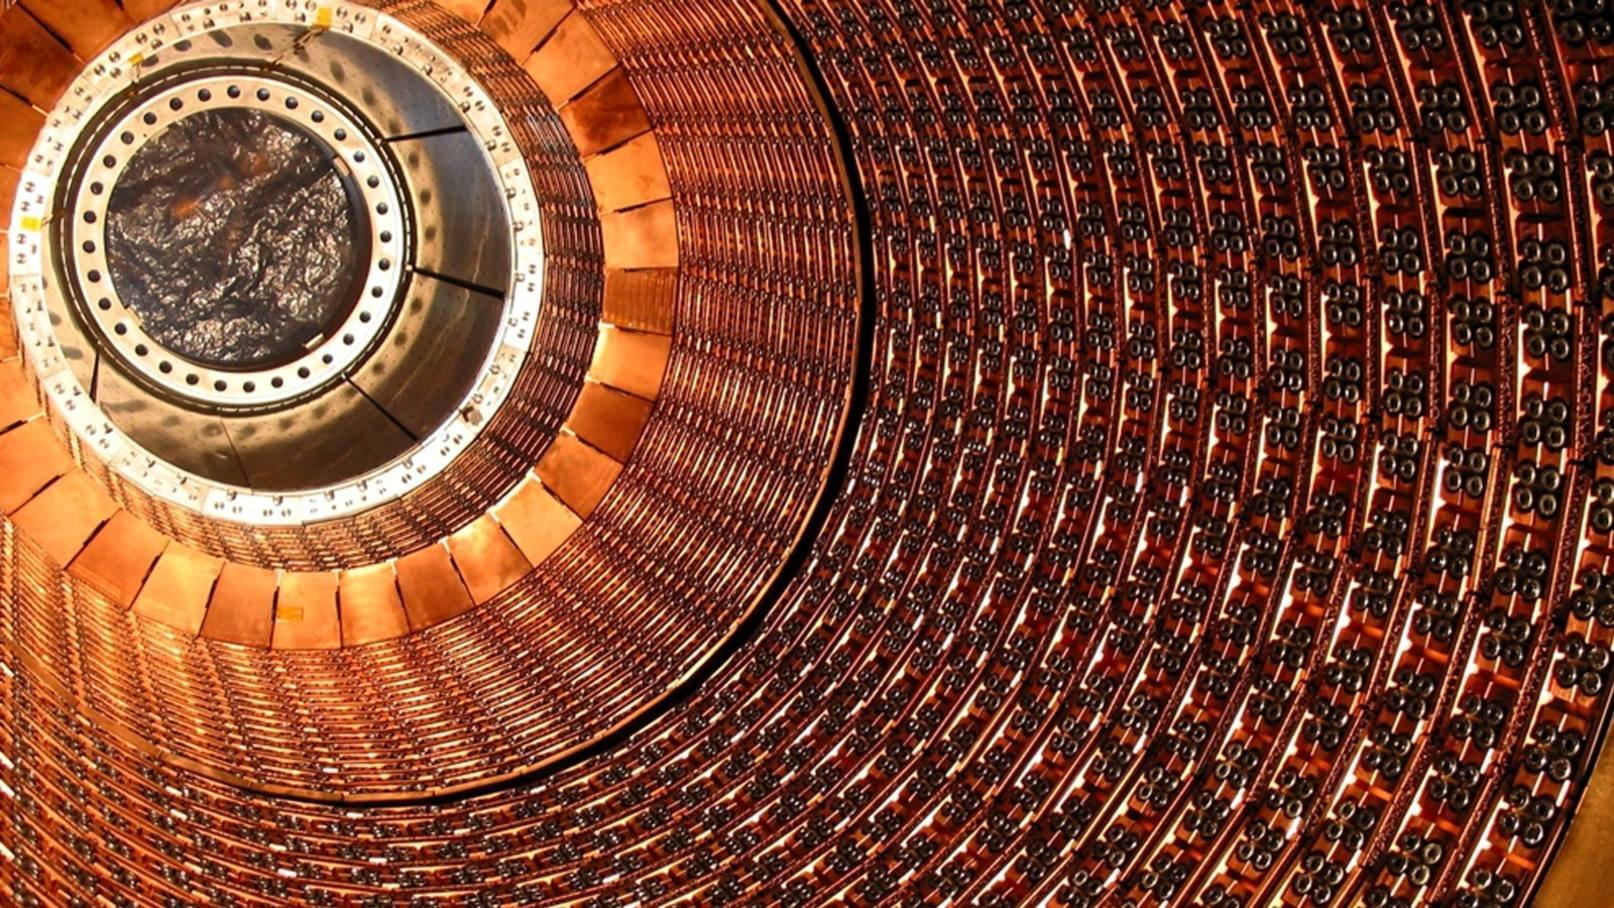 Физики создали аналог черной дыры и подтвердили теорию Хокинга. К чему это приведет?